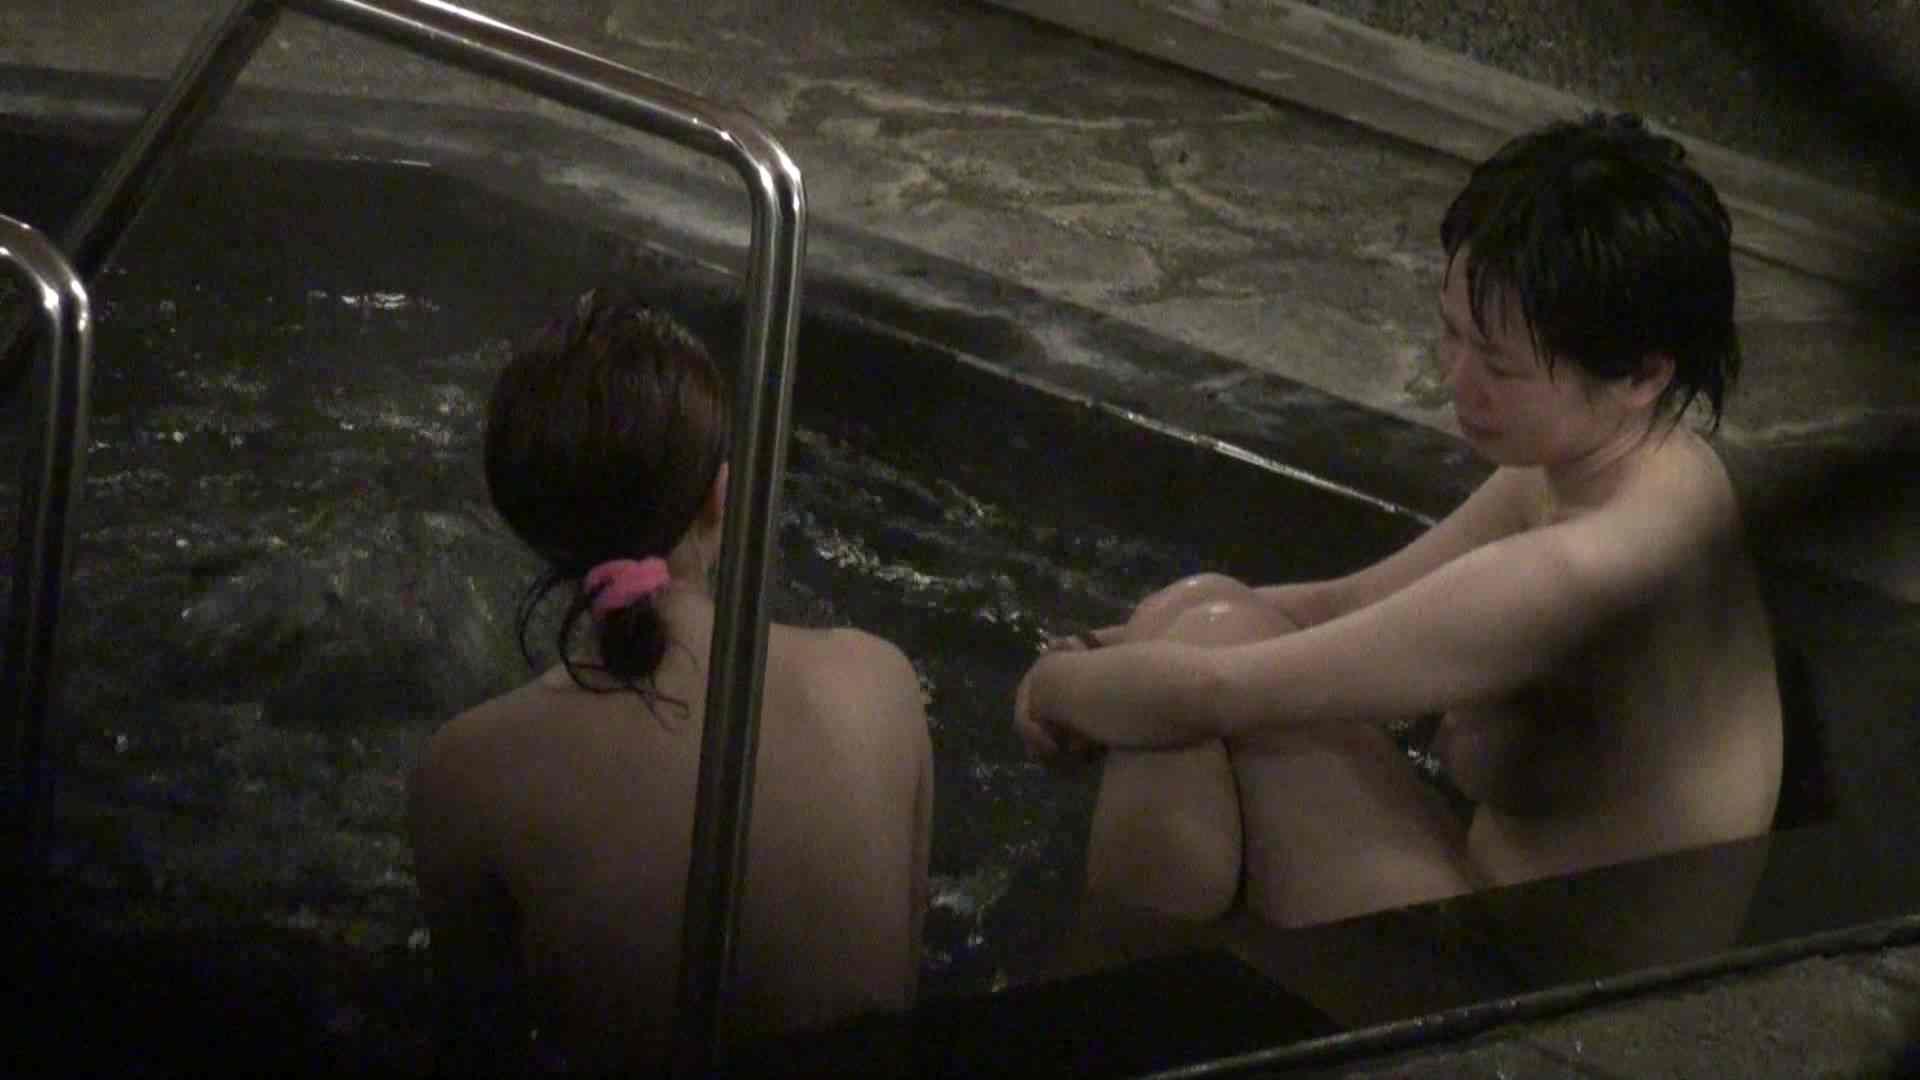 Aquaな露天風呂Vol.394 盗撮   OLのエロ生活  101連発 97